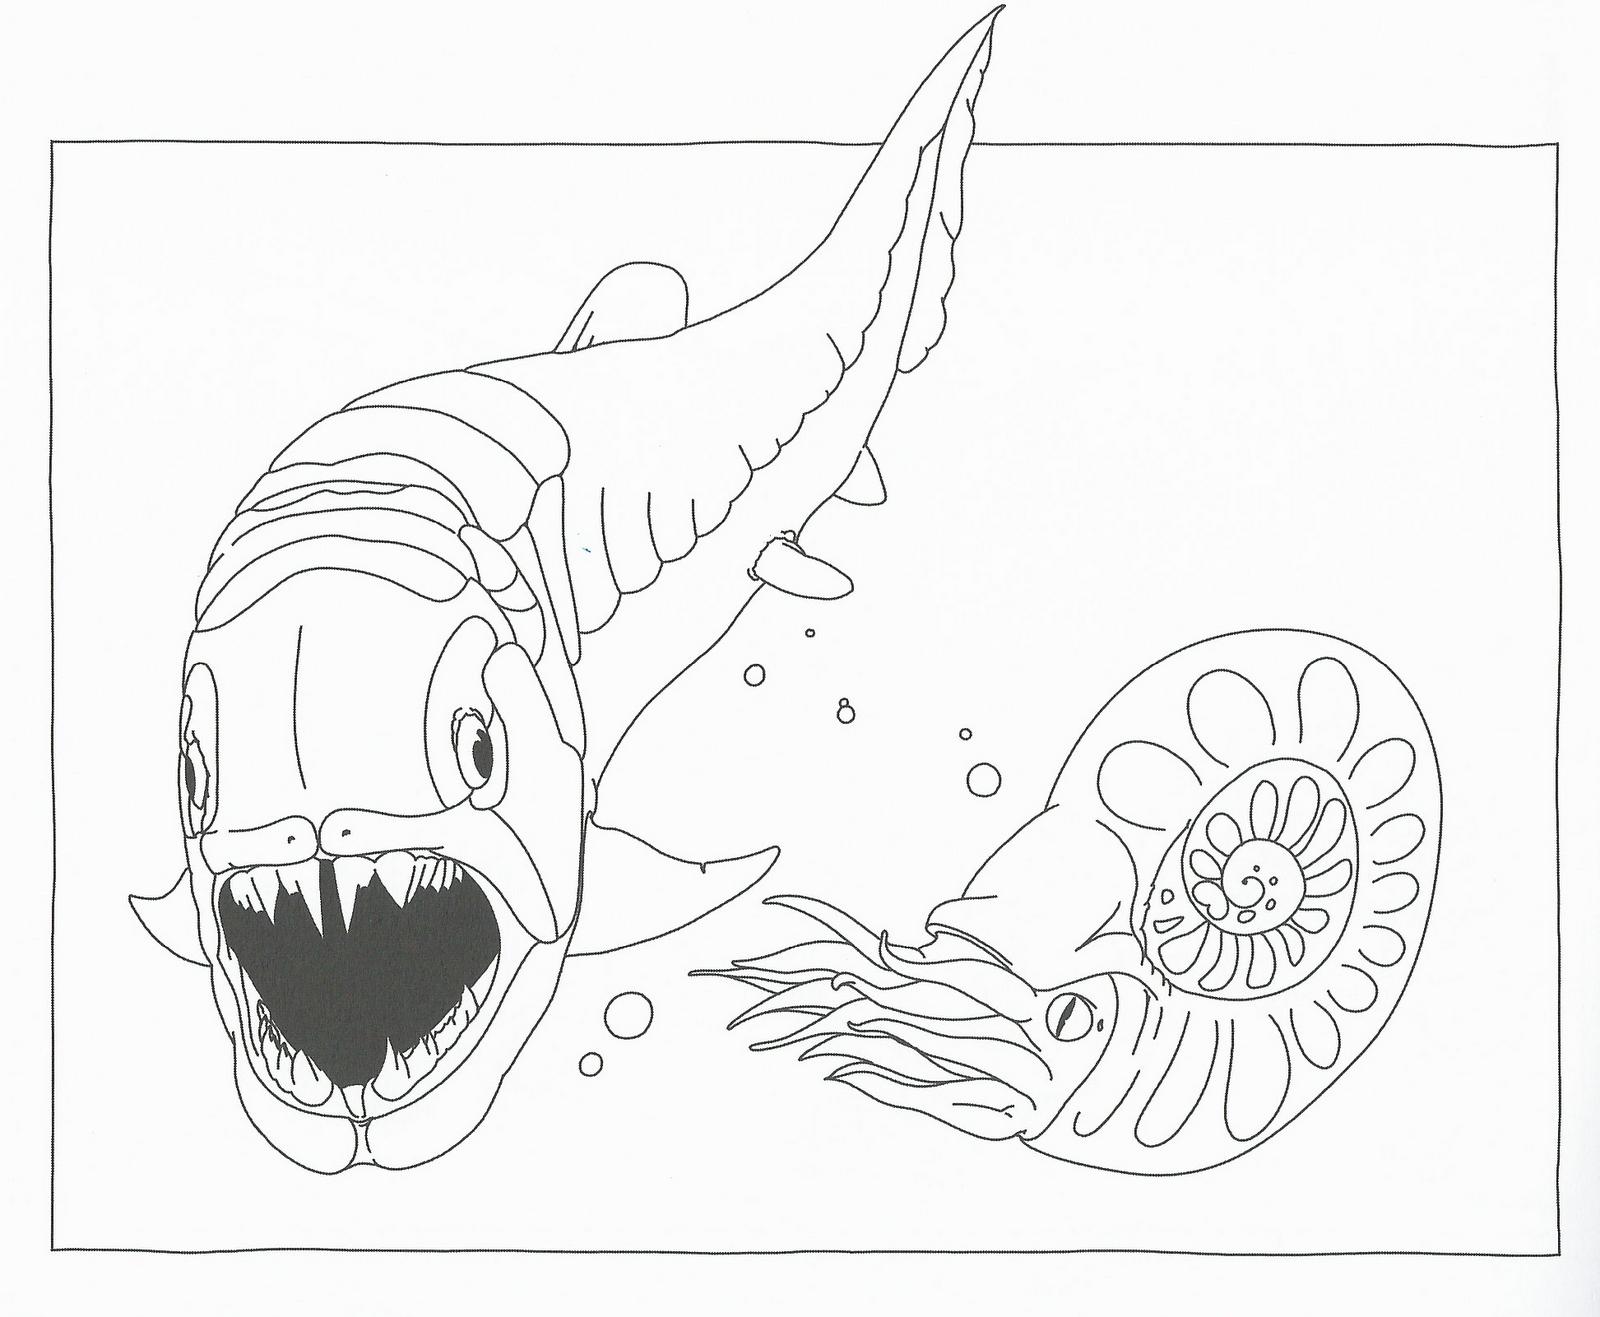 Disegni da colorare disegni da colorare i dinosauri for Disegni marini da colorare